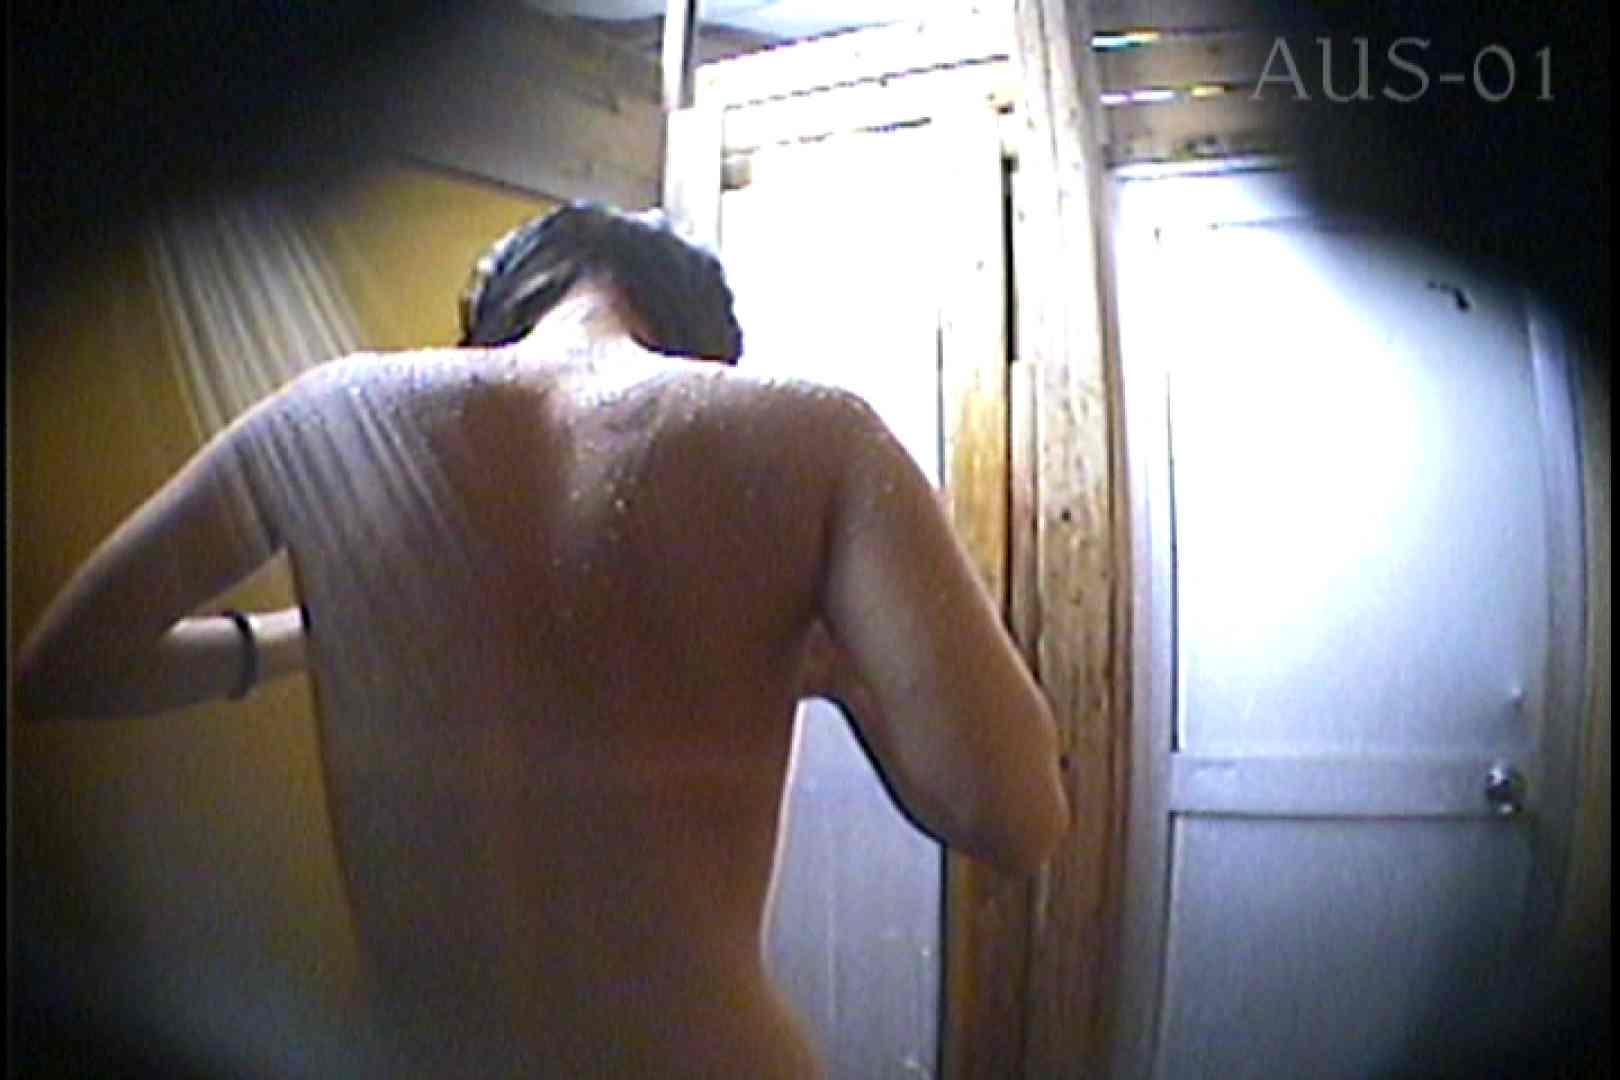 海の家の更衣室 Vol.01 OLのボディ   シャワー  105PIX 58